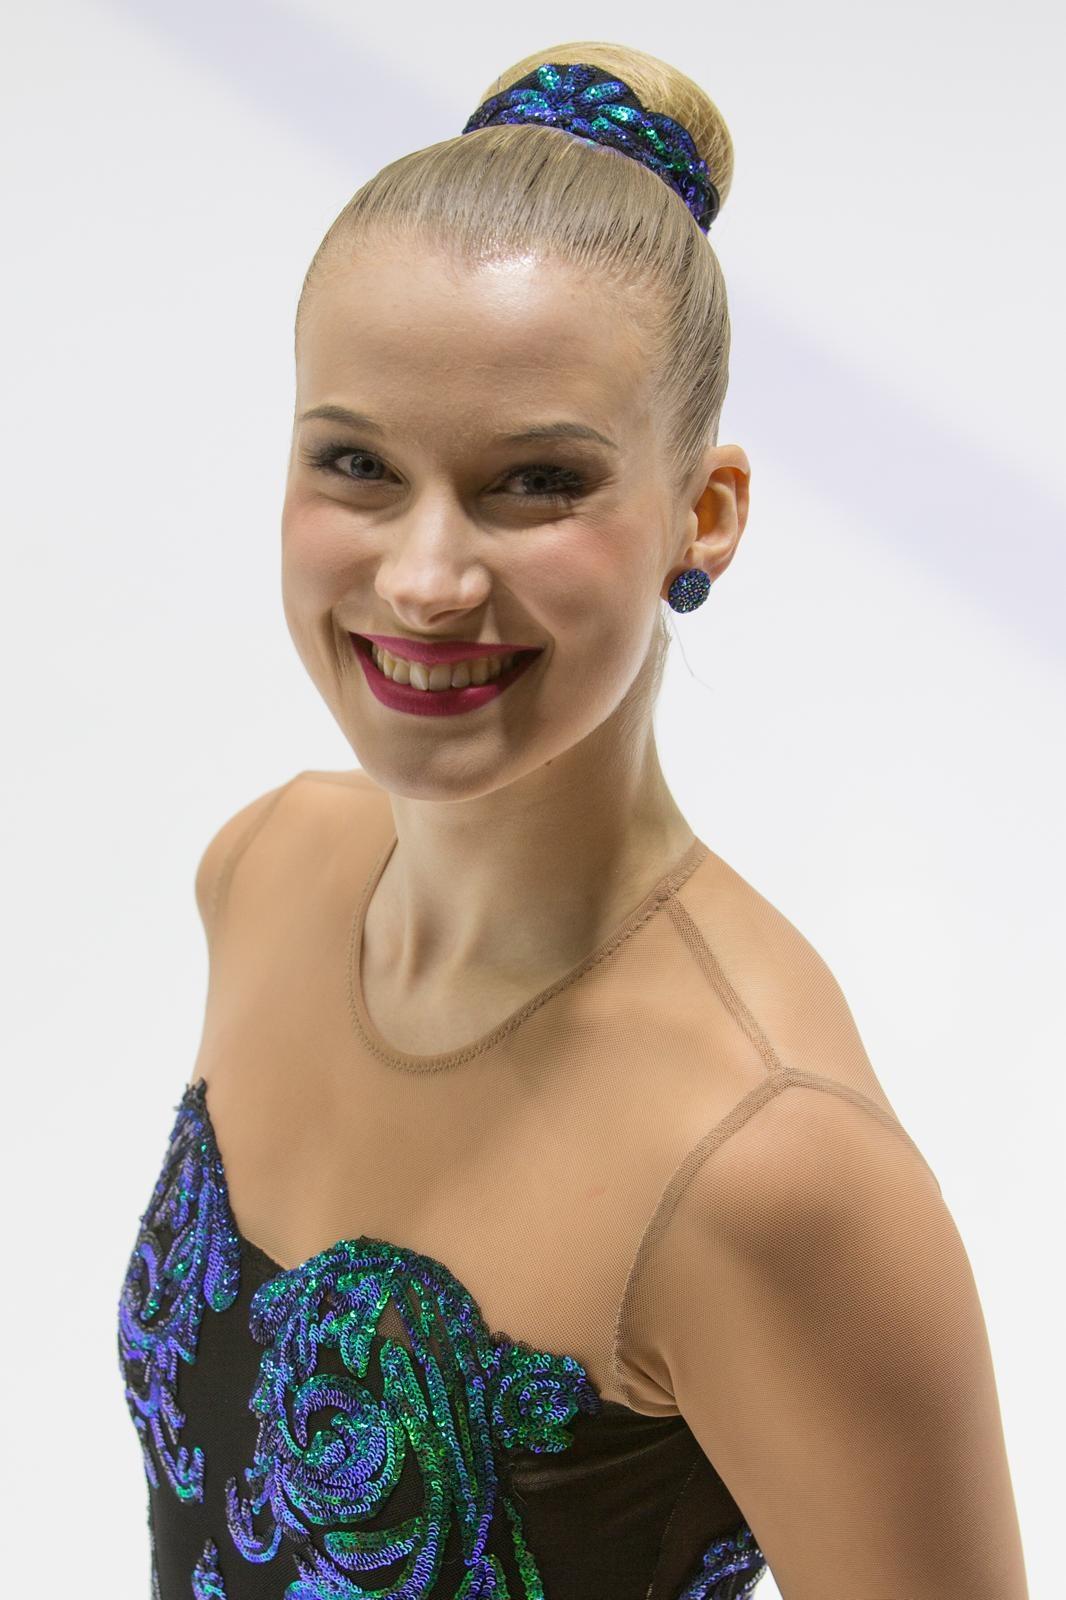 Marigold IceUnityn kapteeni Camilla Sundgren Splash-vapaaohjelman puvussaan.